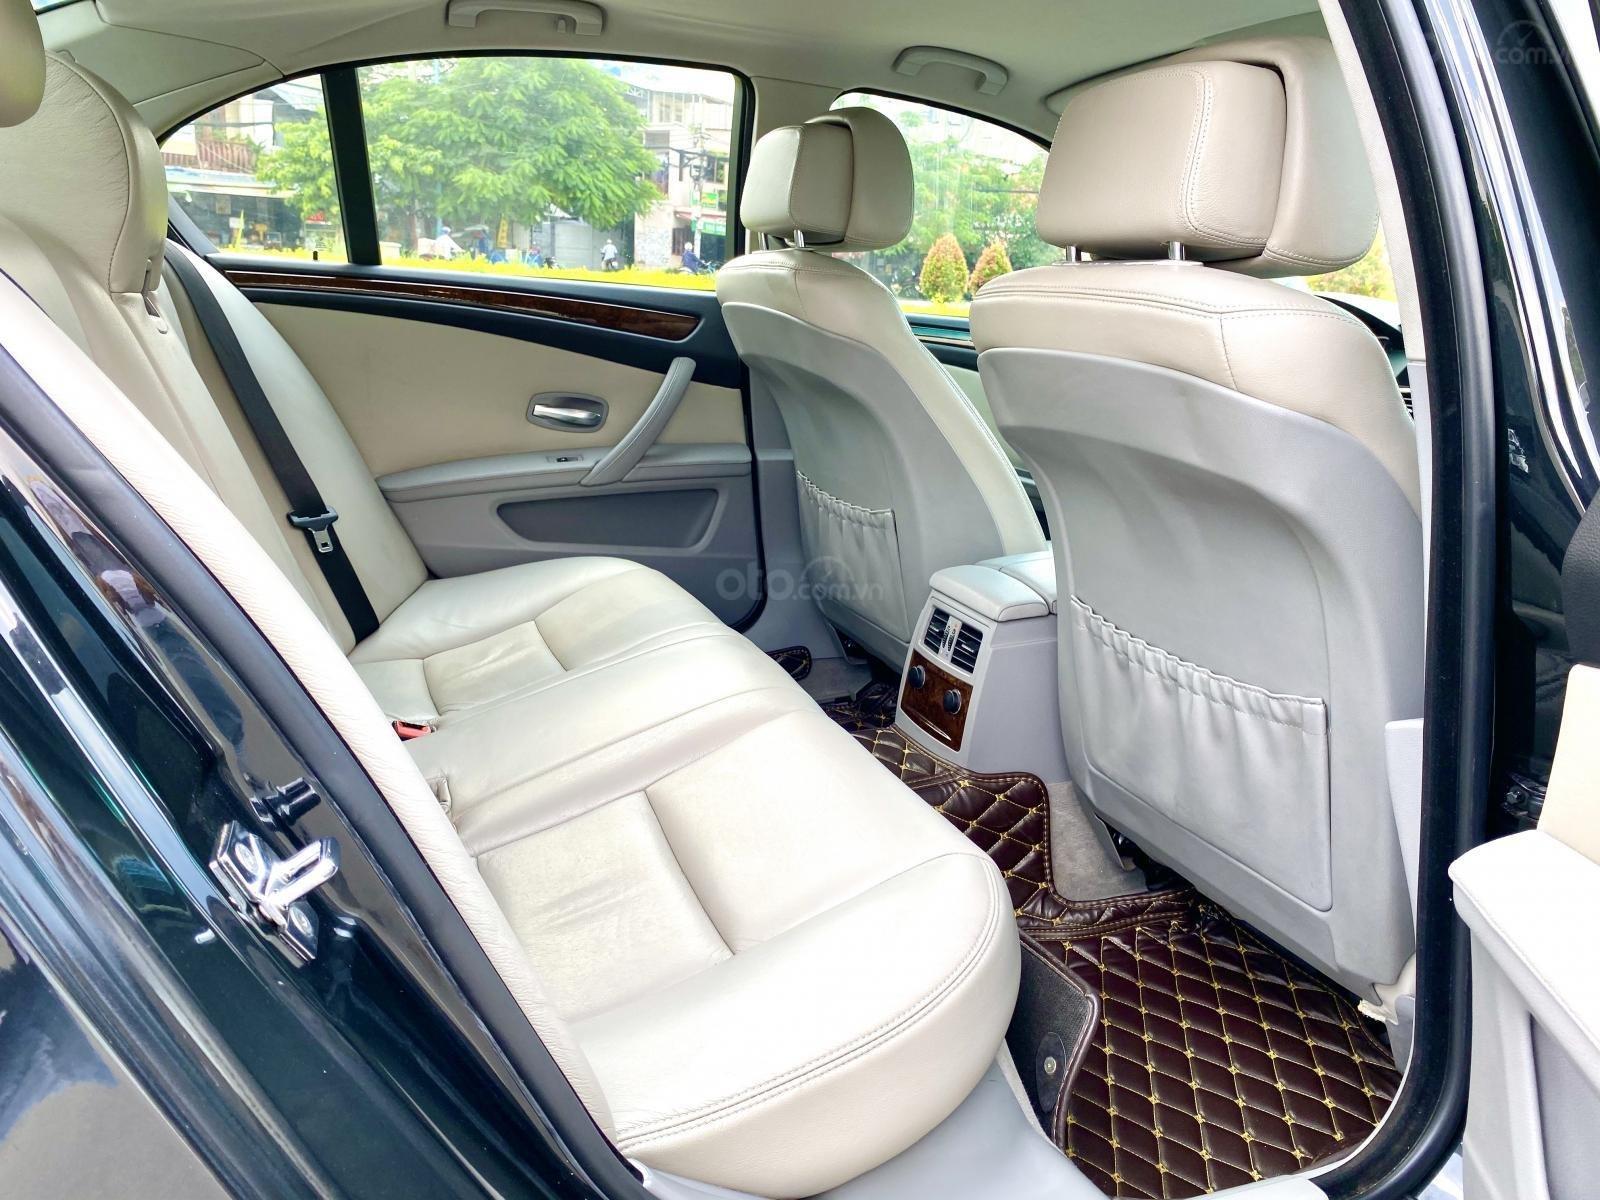 BMW 535d CDI dầu nhập Mỹ 2009 form mới, số điện, xe hàng hiếm, full đồ chơi (10)